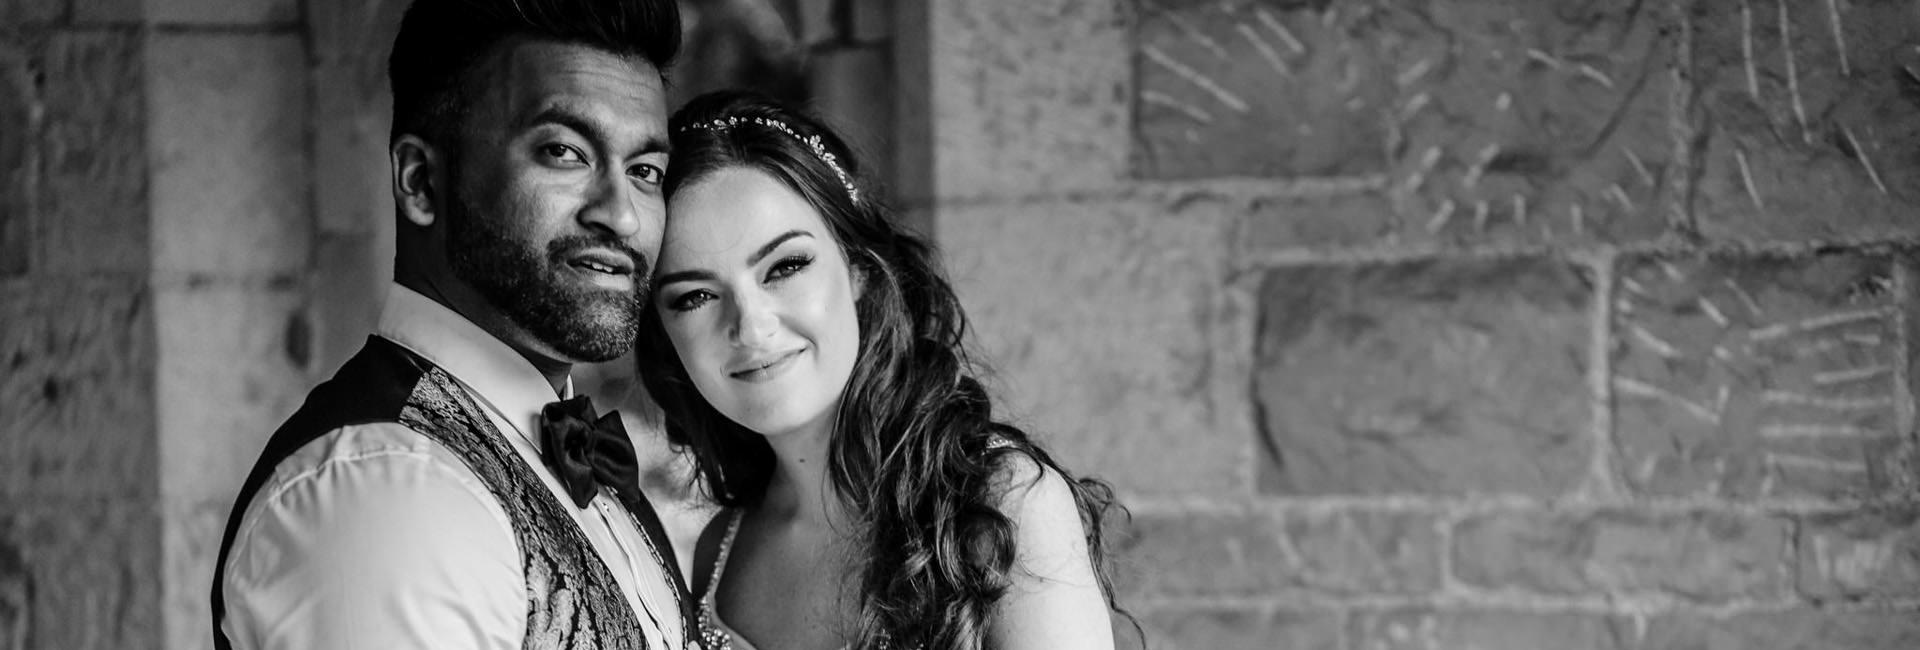 St Donats Castle wedding photographer couple portrait photo